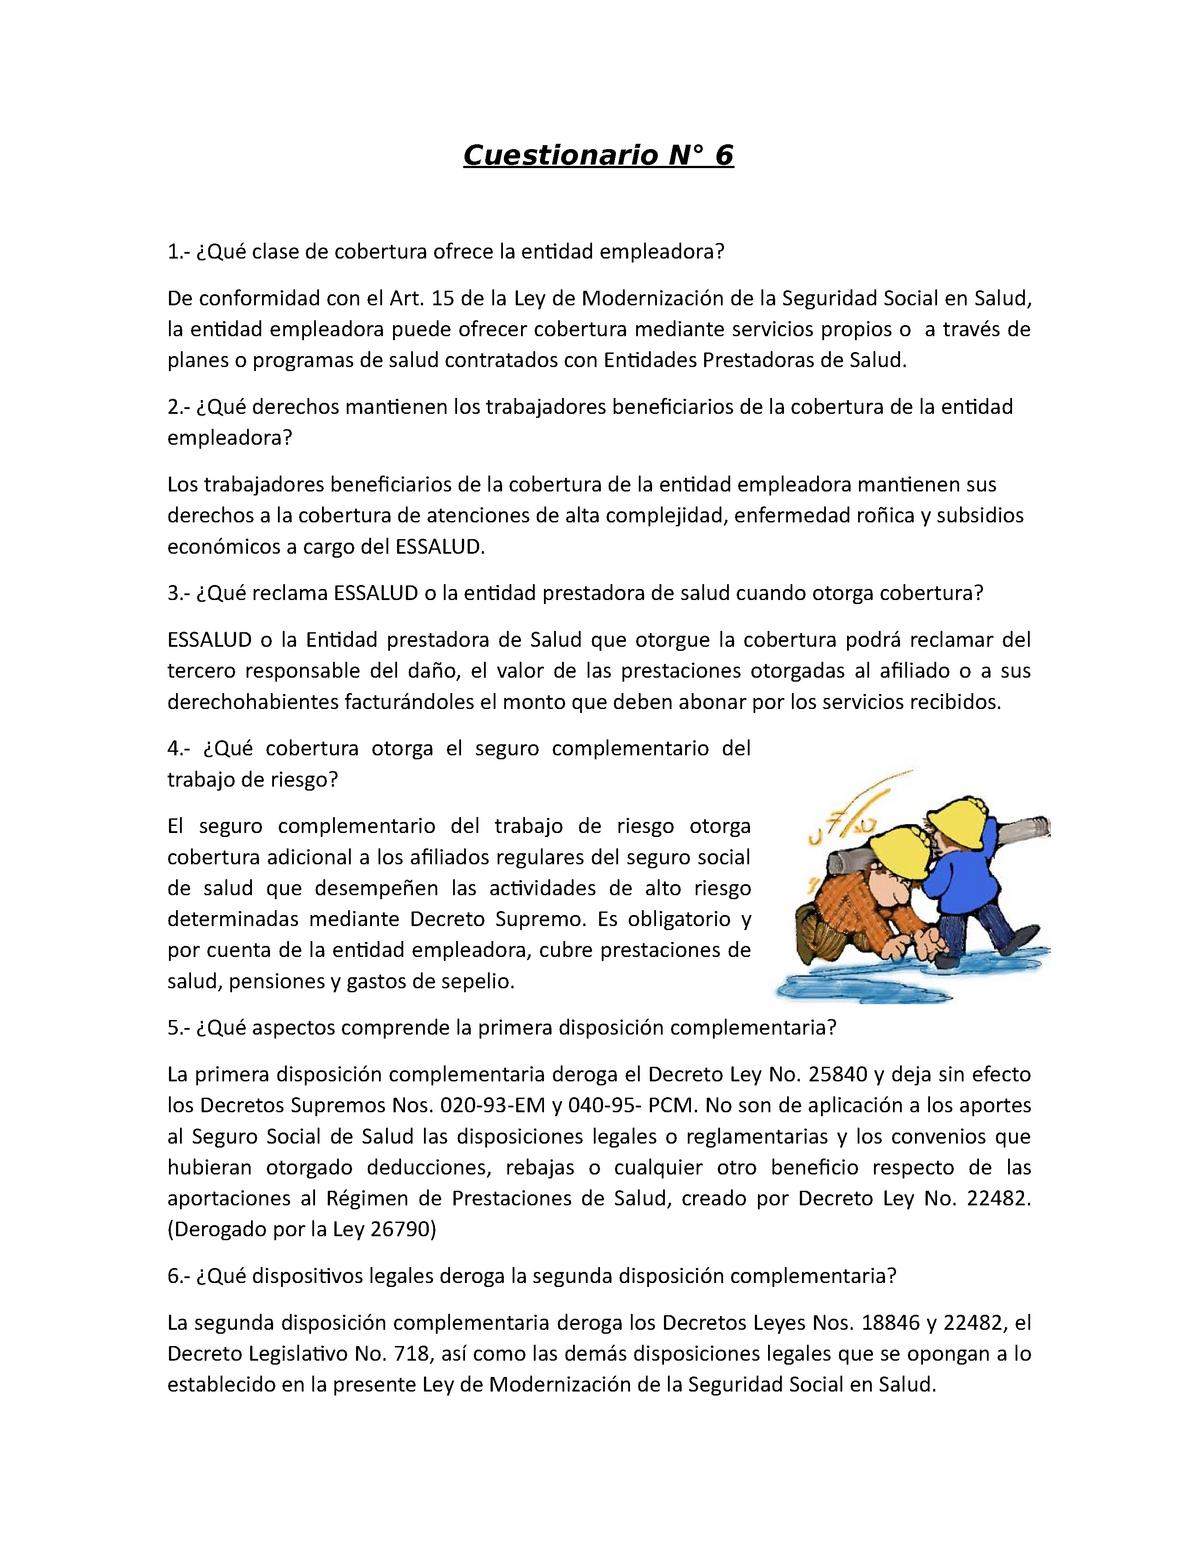 seguro complementario de trabajo de riesgo pension y salud